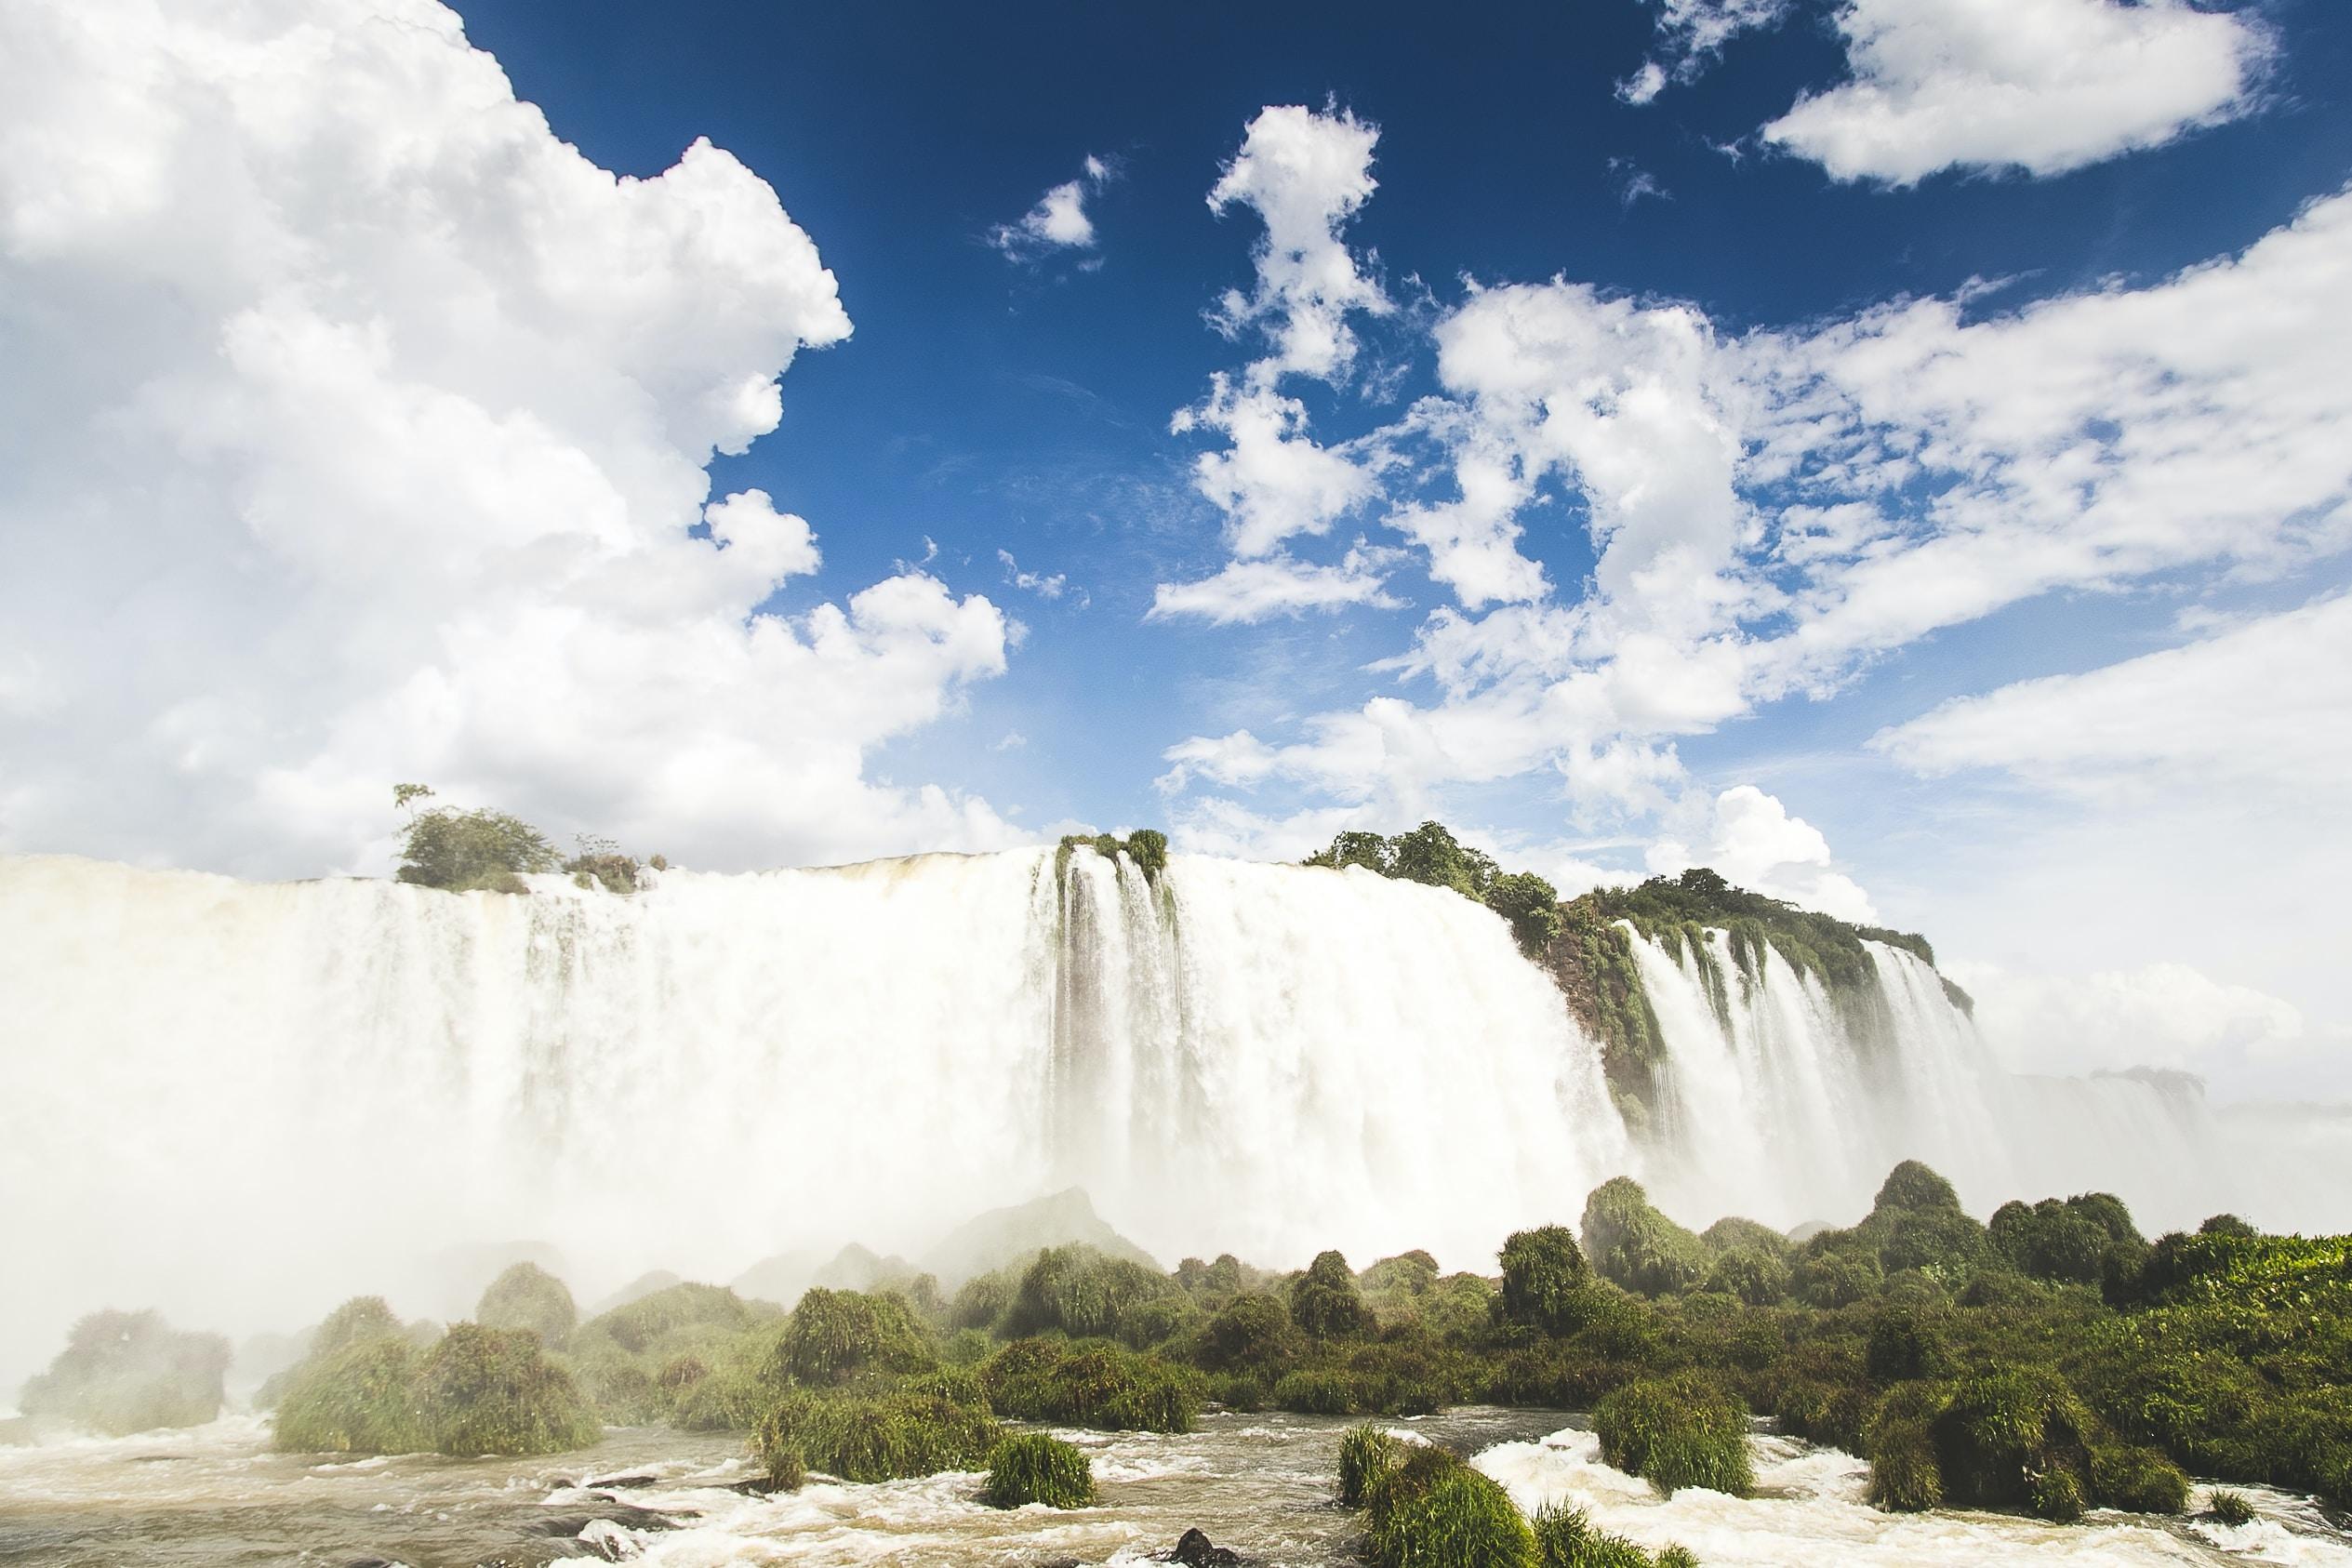 waterfalls raging through trees